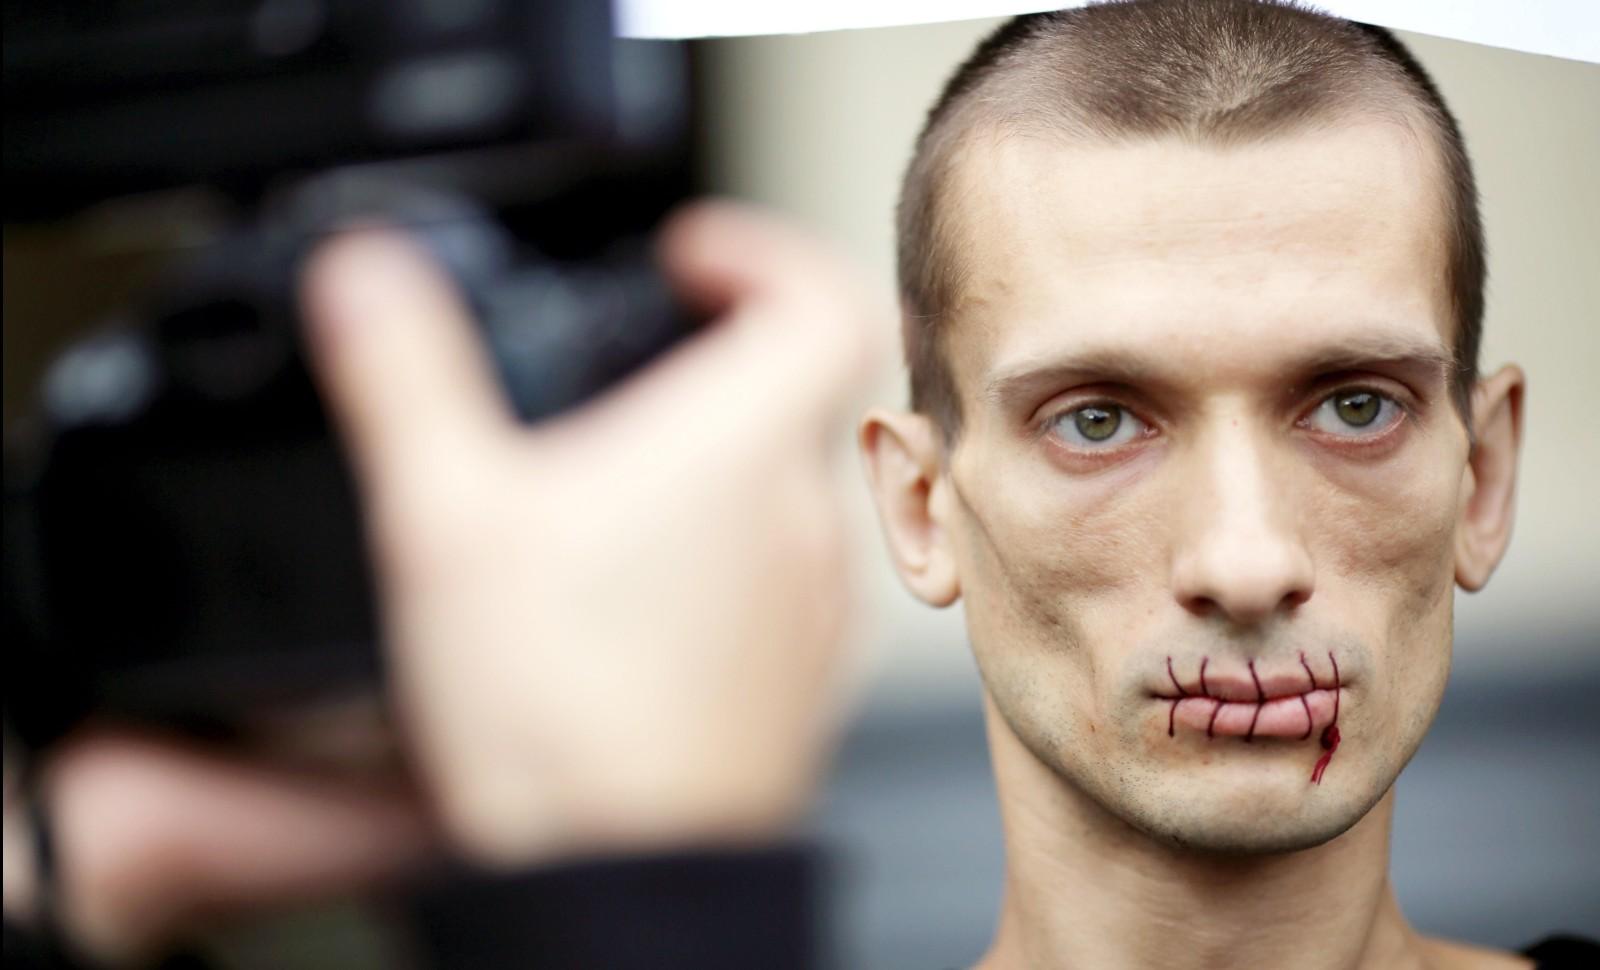 Affaire Griveaux: l'enquête avance sur la diffusion de la vidéo privée